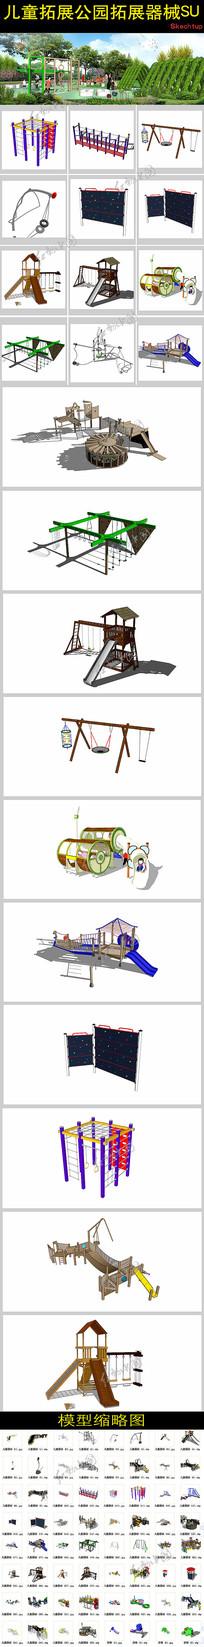 儿童拓展公园拓展器械SU模型